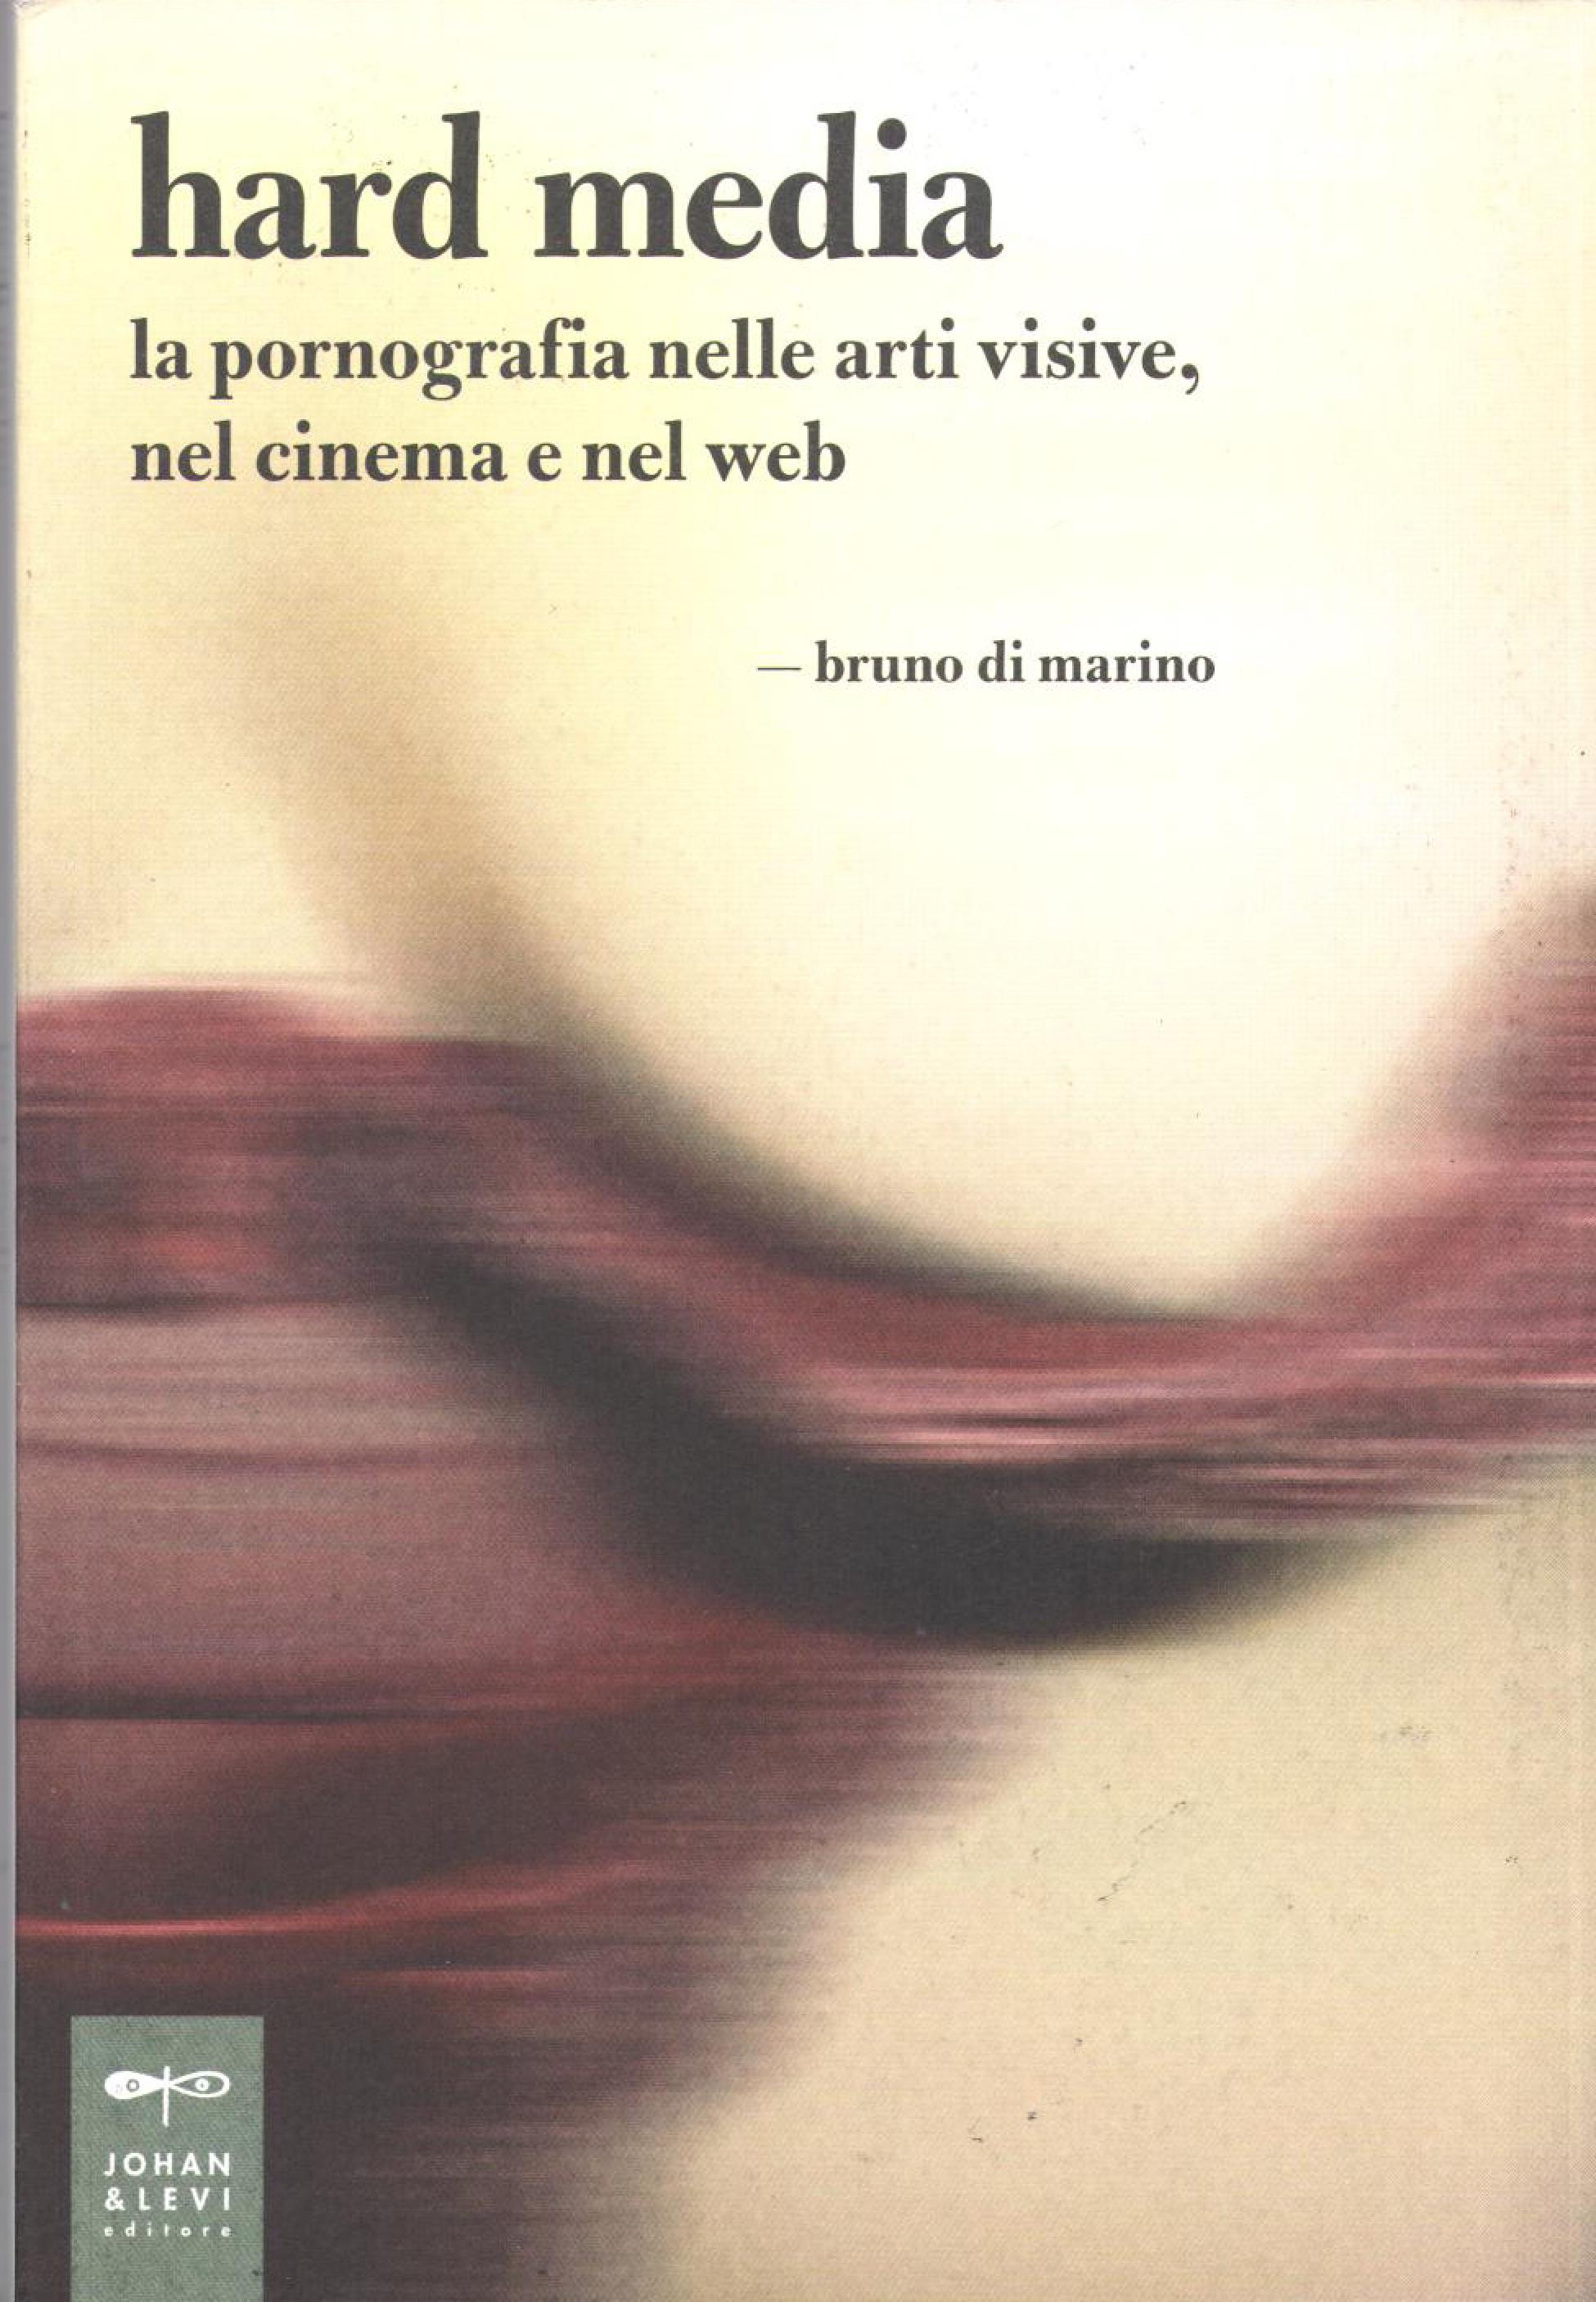 Bruno Di Marino, Hard Media, La pornografia nelle arti visive, nel cinema e nel web, Johan & Levi, 2013